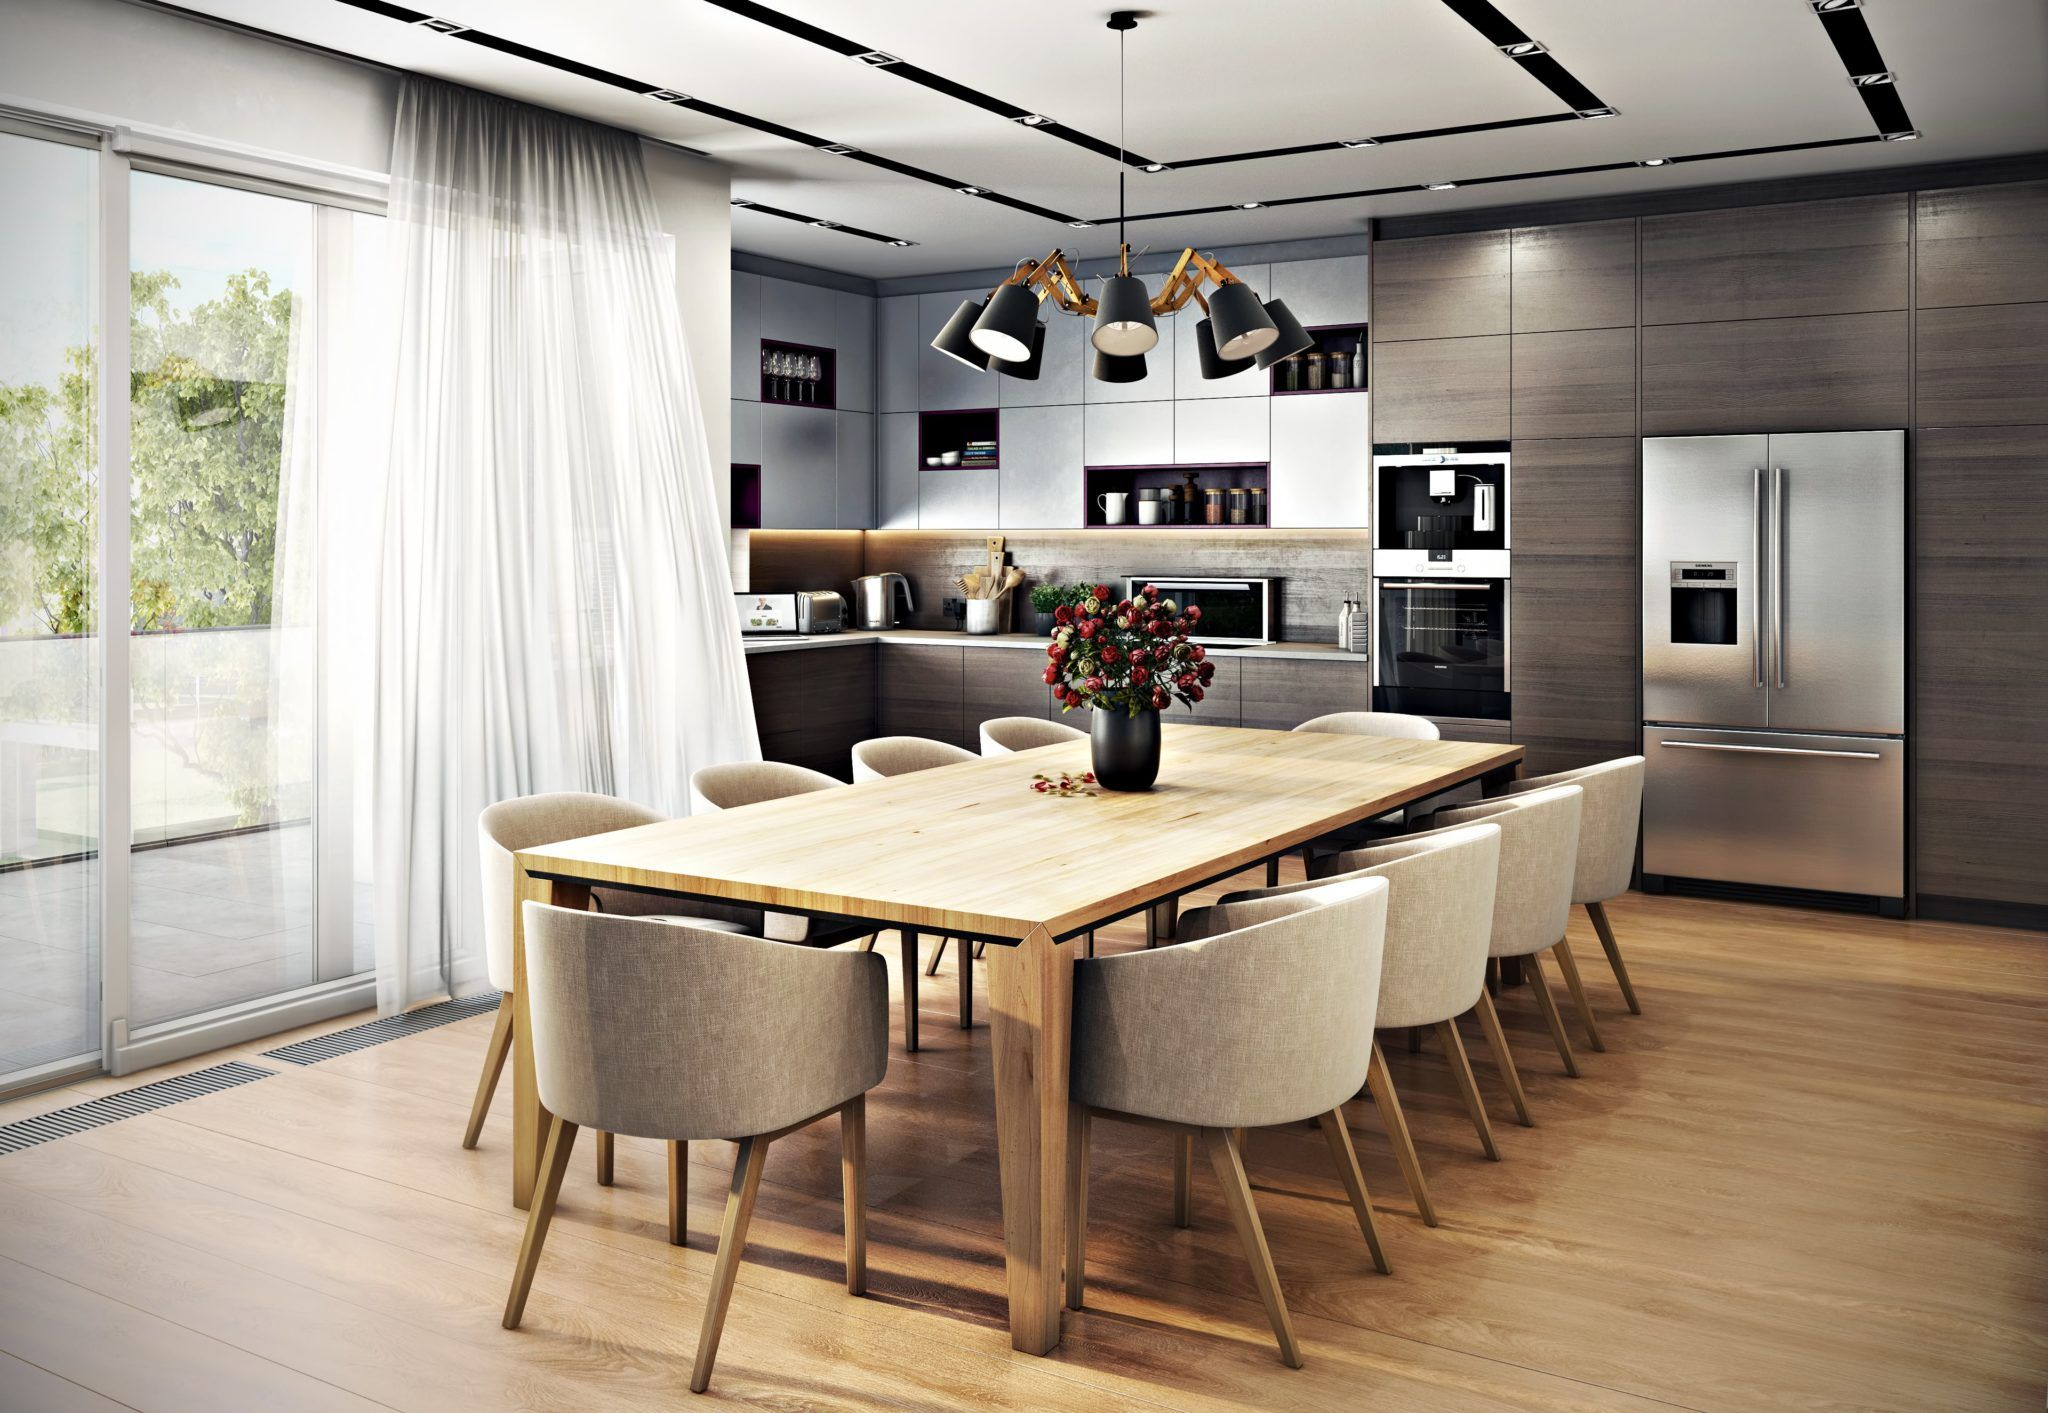 furniture interior study and nera rendering fixtures room portfolio dining design